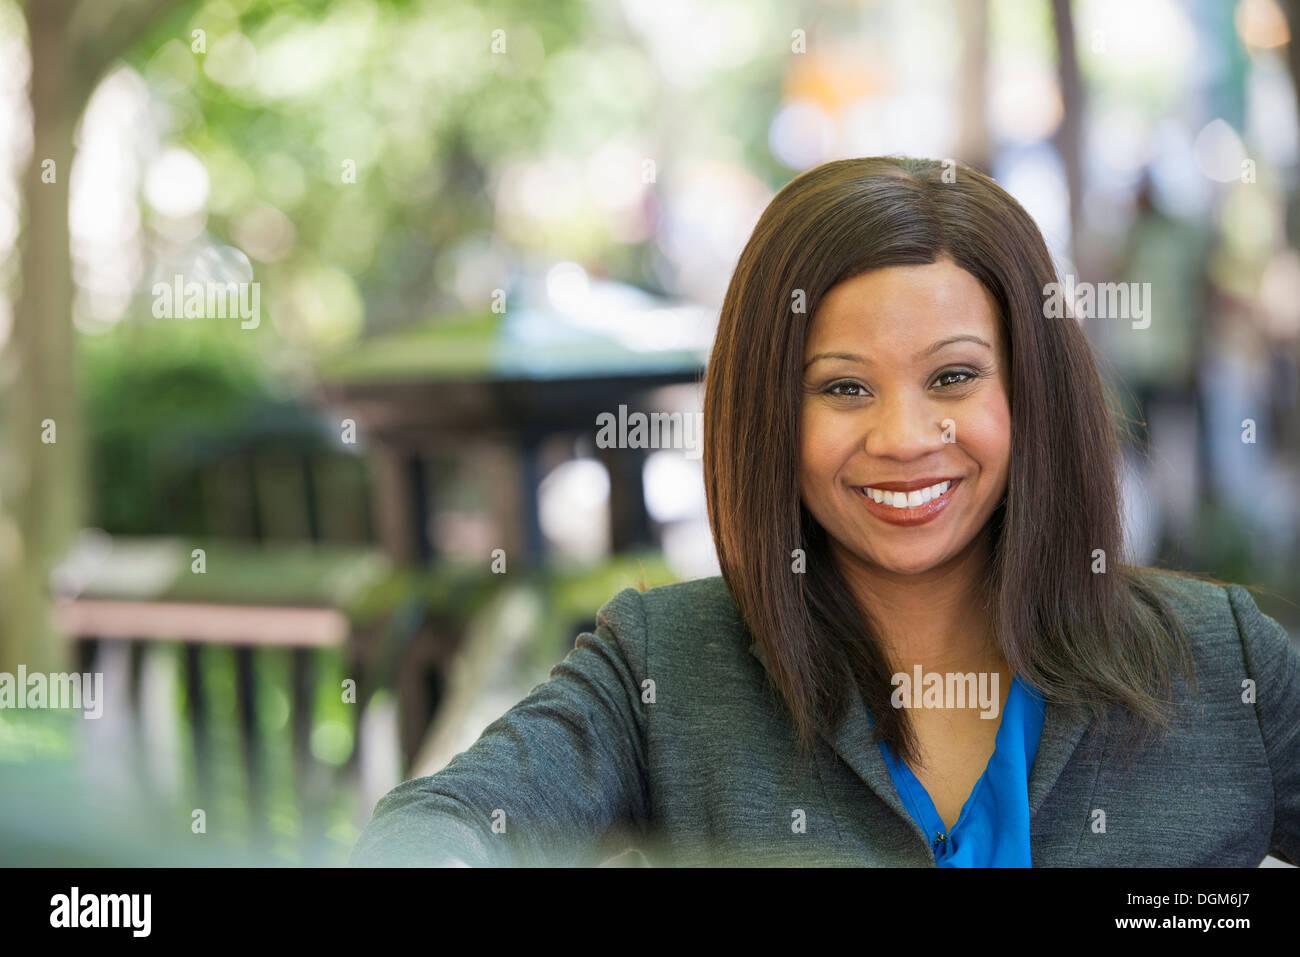 Sommer. Eine Frau in einem grauen Anzug mit einem leuchtend blauen Shirt. Stockbild